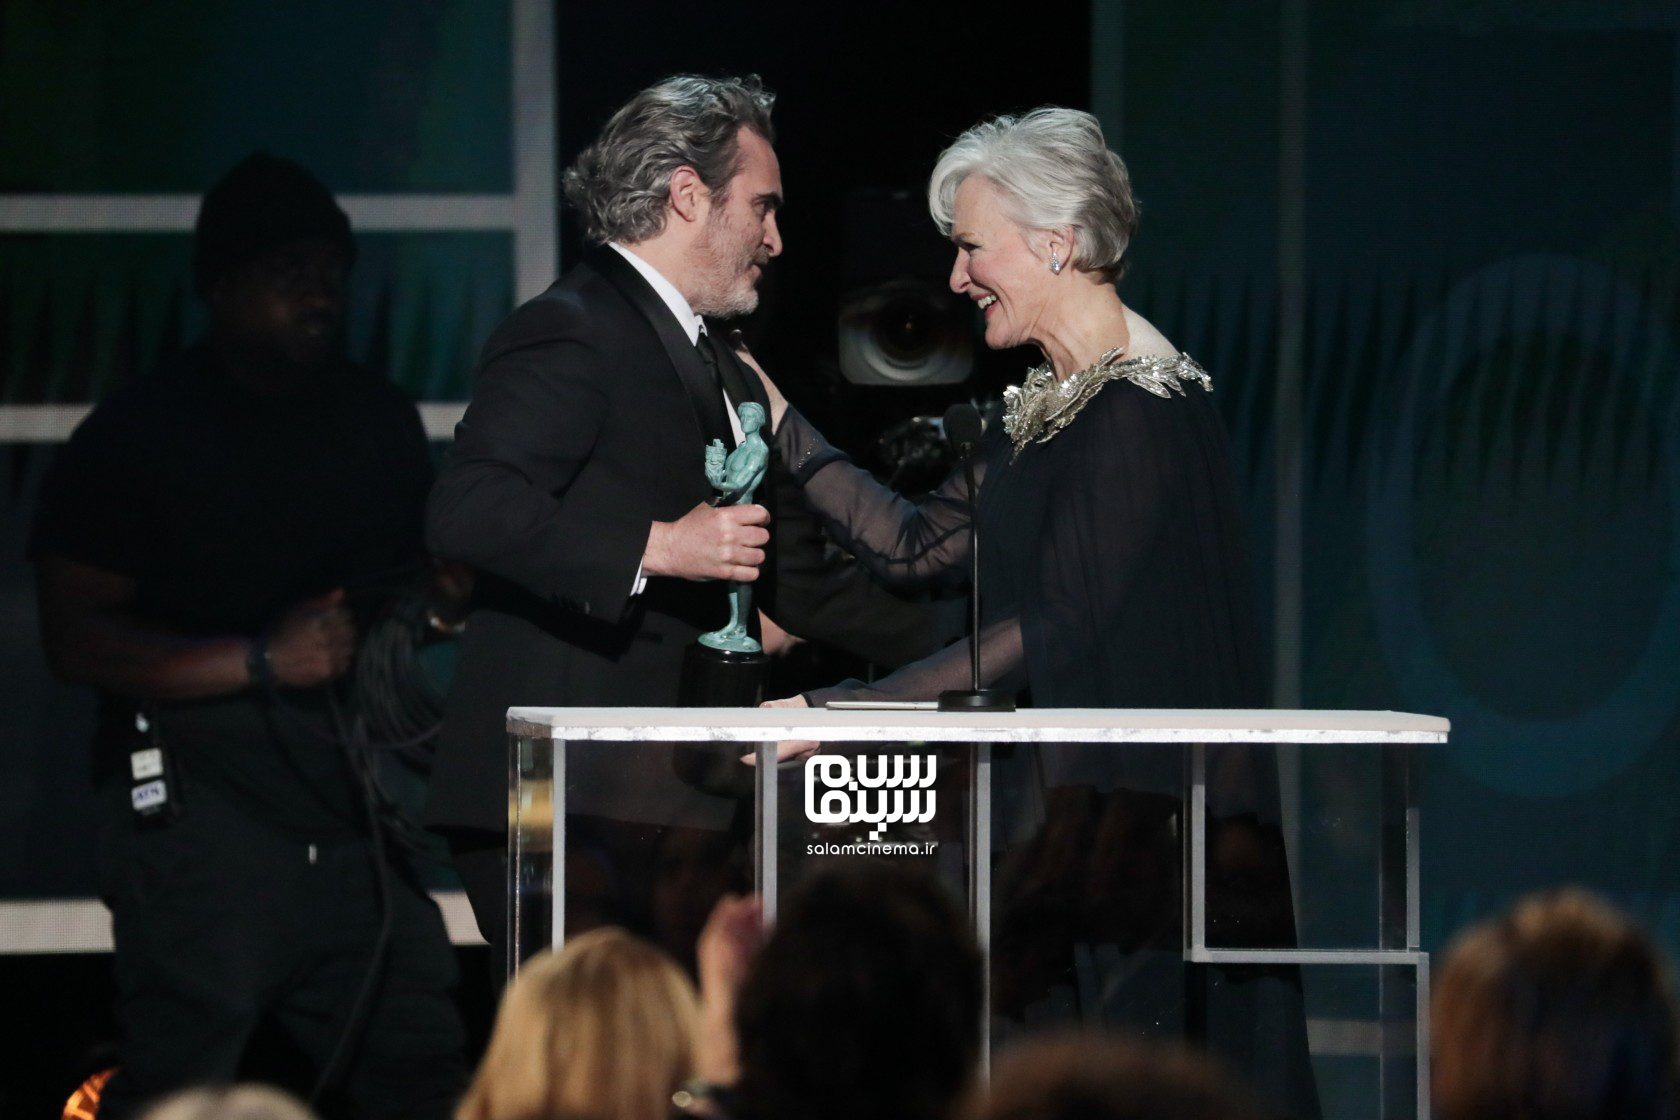 واکین فینیکس و هلن میلن - انجمن بازیگران آمریکا(SAG Awards 2020)